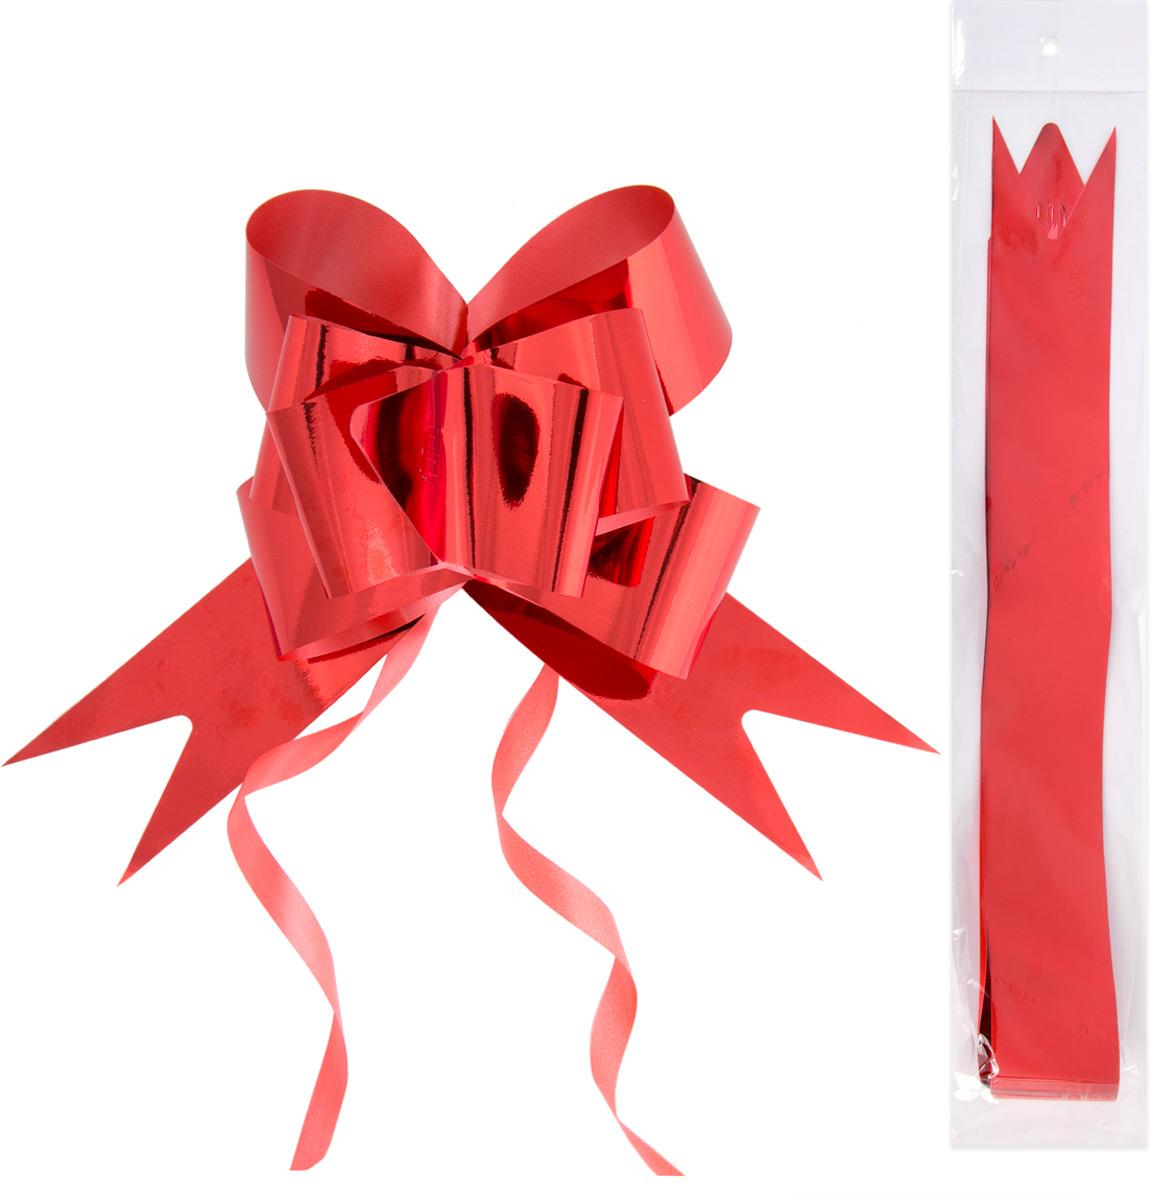 Бант декоративный Magic Home, для оформления подарков. 7698776987Бант – объемный и сверкающий, добавит оригинальности любому подарку. Поиграйте с формой и цветом, проявите свою фантазию! Окружите близких людей вниманием и заботой, вручив презент в нарядном, праздничном оформлении! Декоративный бант из полиэтилентерефталата, затягивающийся, с кольцами из поливинилхлорида для оформления подарков, шириной 5 см, длиной 85 см.